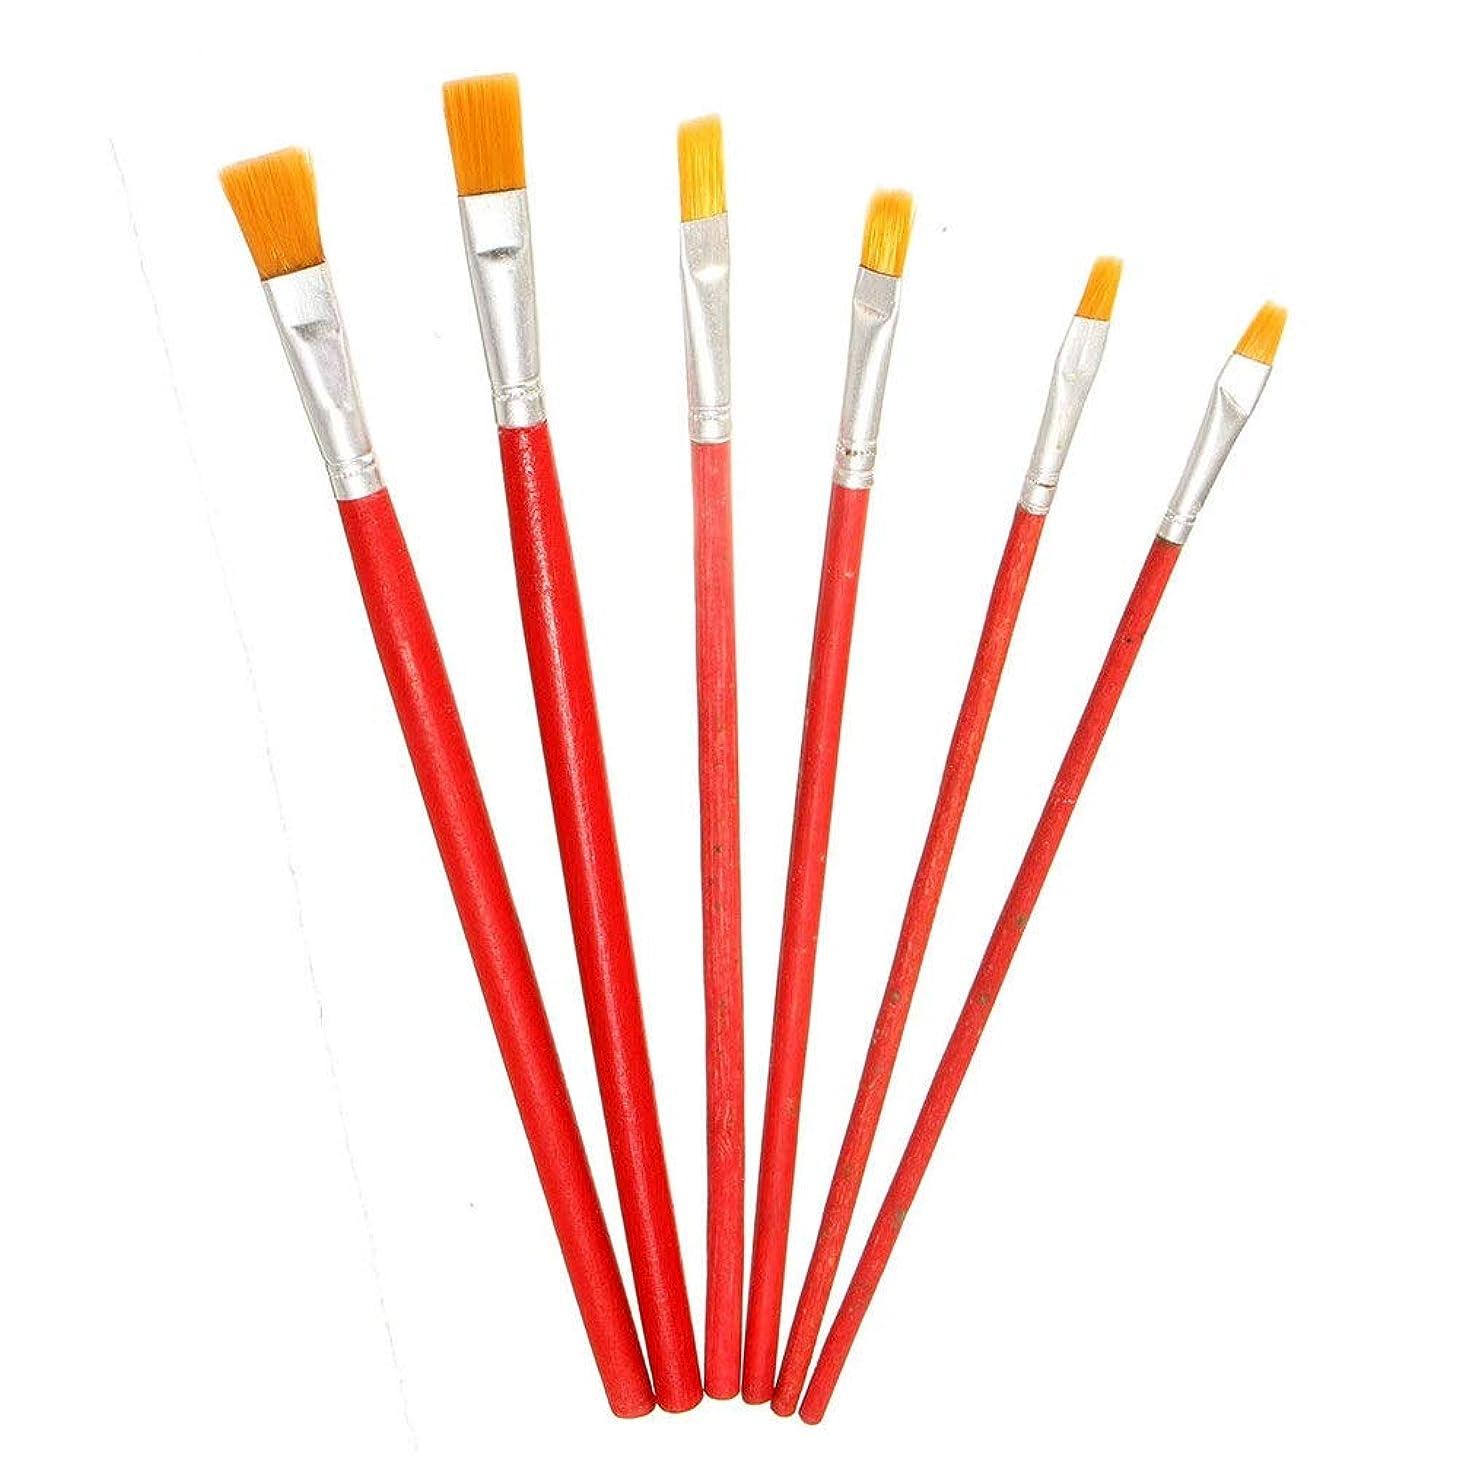 推測する悲しむコンパイル水彩画筆 ブラシを絵画ナイロンヘアオイルペイントセットフラットヘアブラシ学生アート絵画アーティストの絵画のためのセットごとに6 /個入り 用子供学生初心者 デザイン画 (色 : 赤, Size : 6pcs)